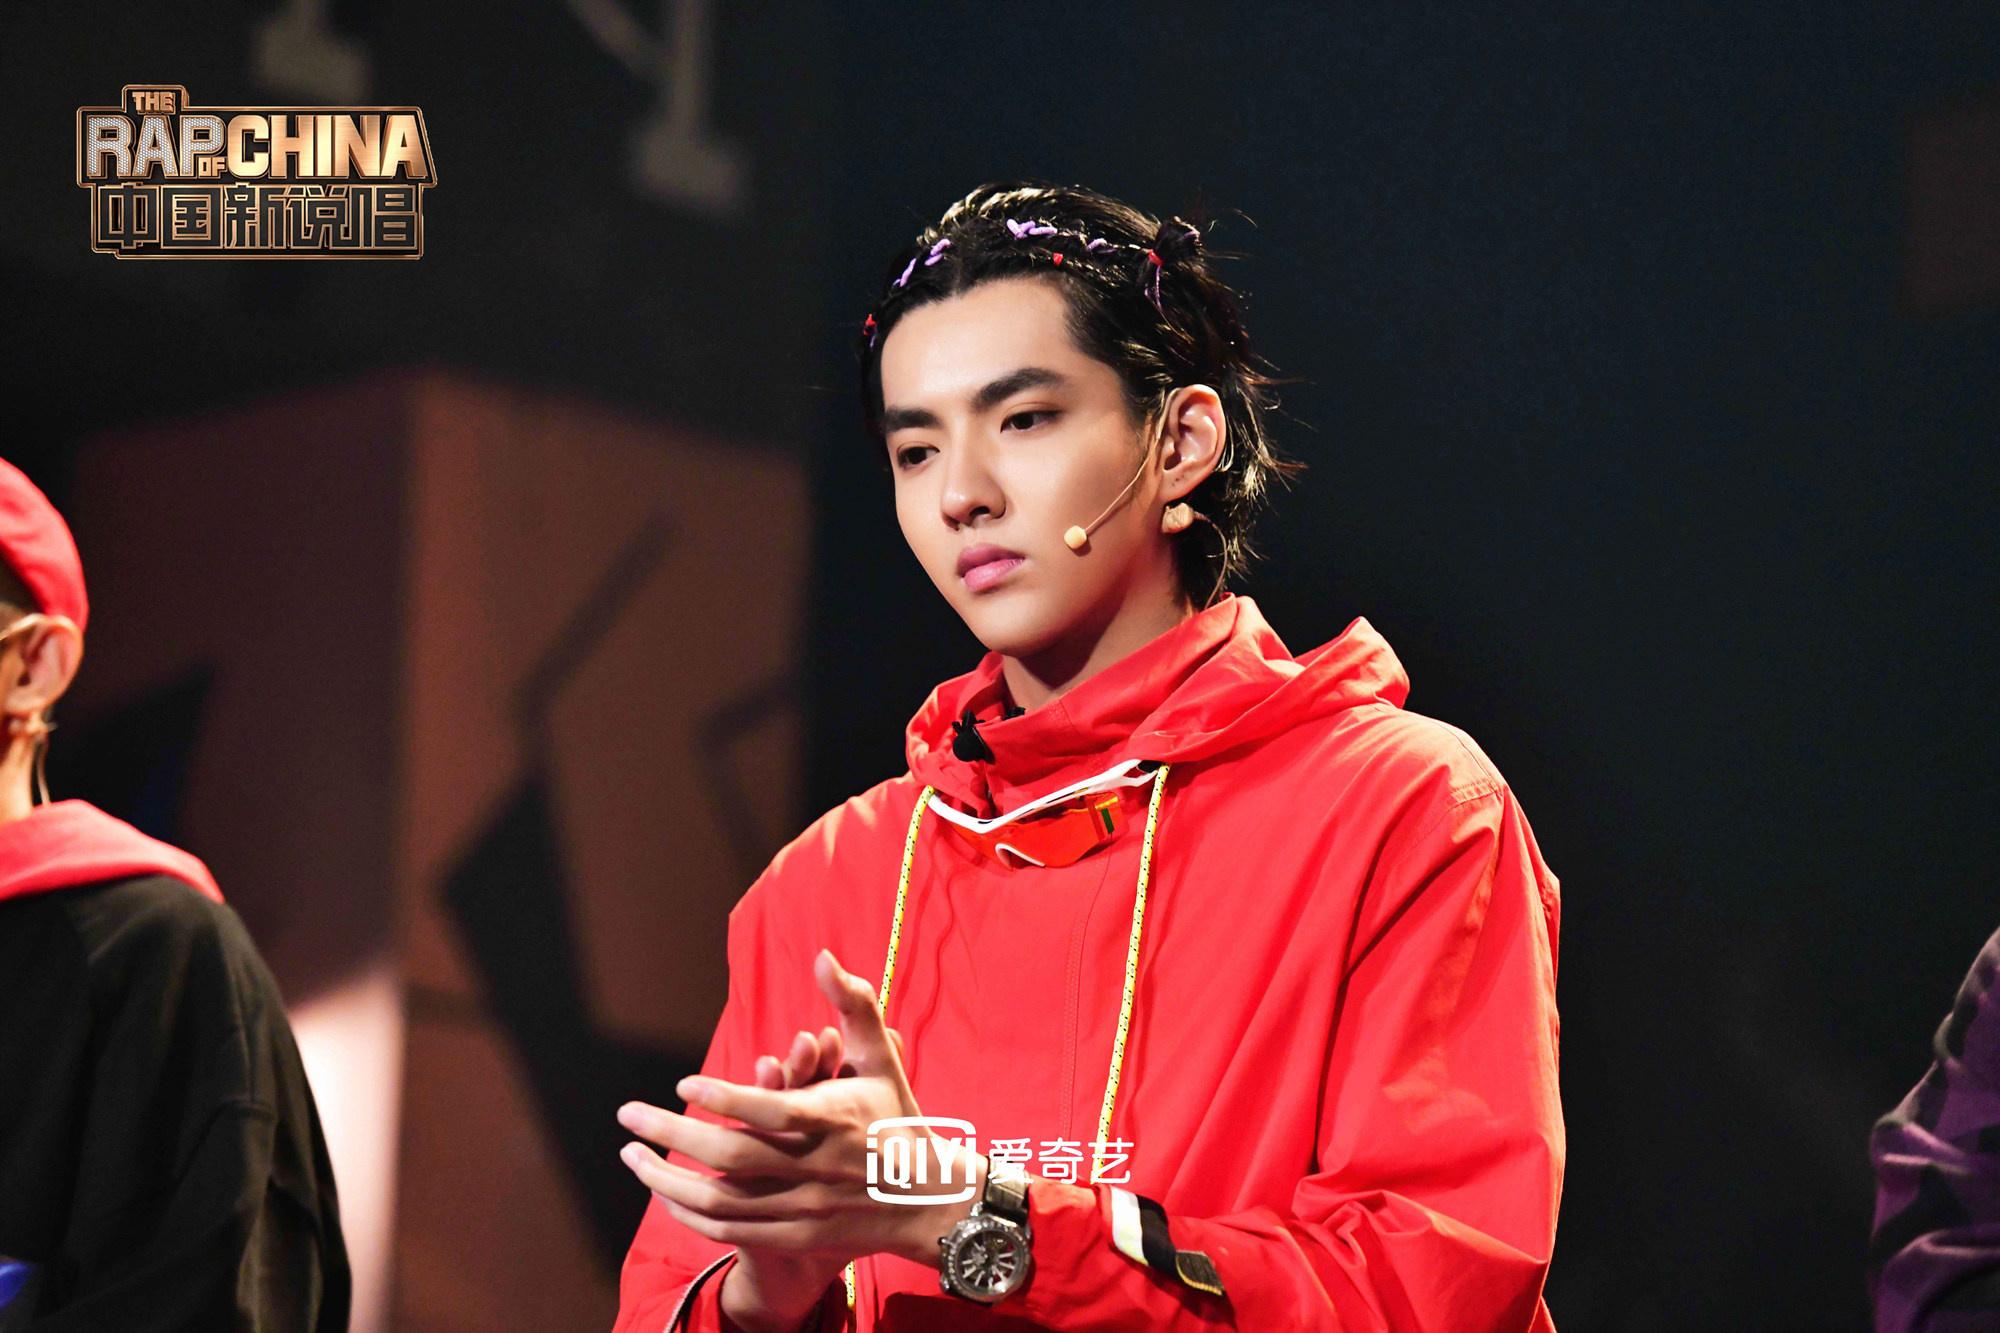 《中国新说唱》总决赛今晚重磅来袭 人气rapper齐聚燃炸